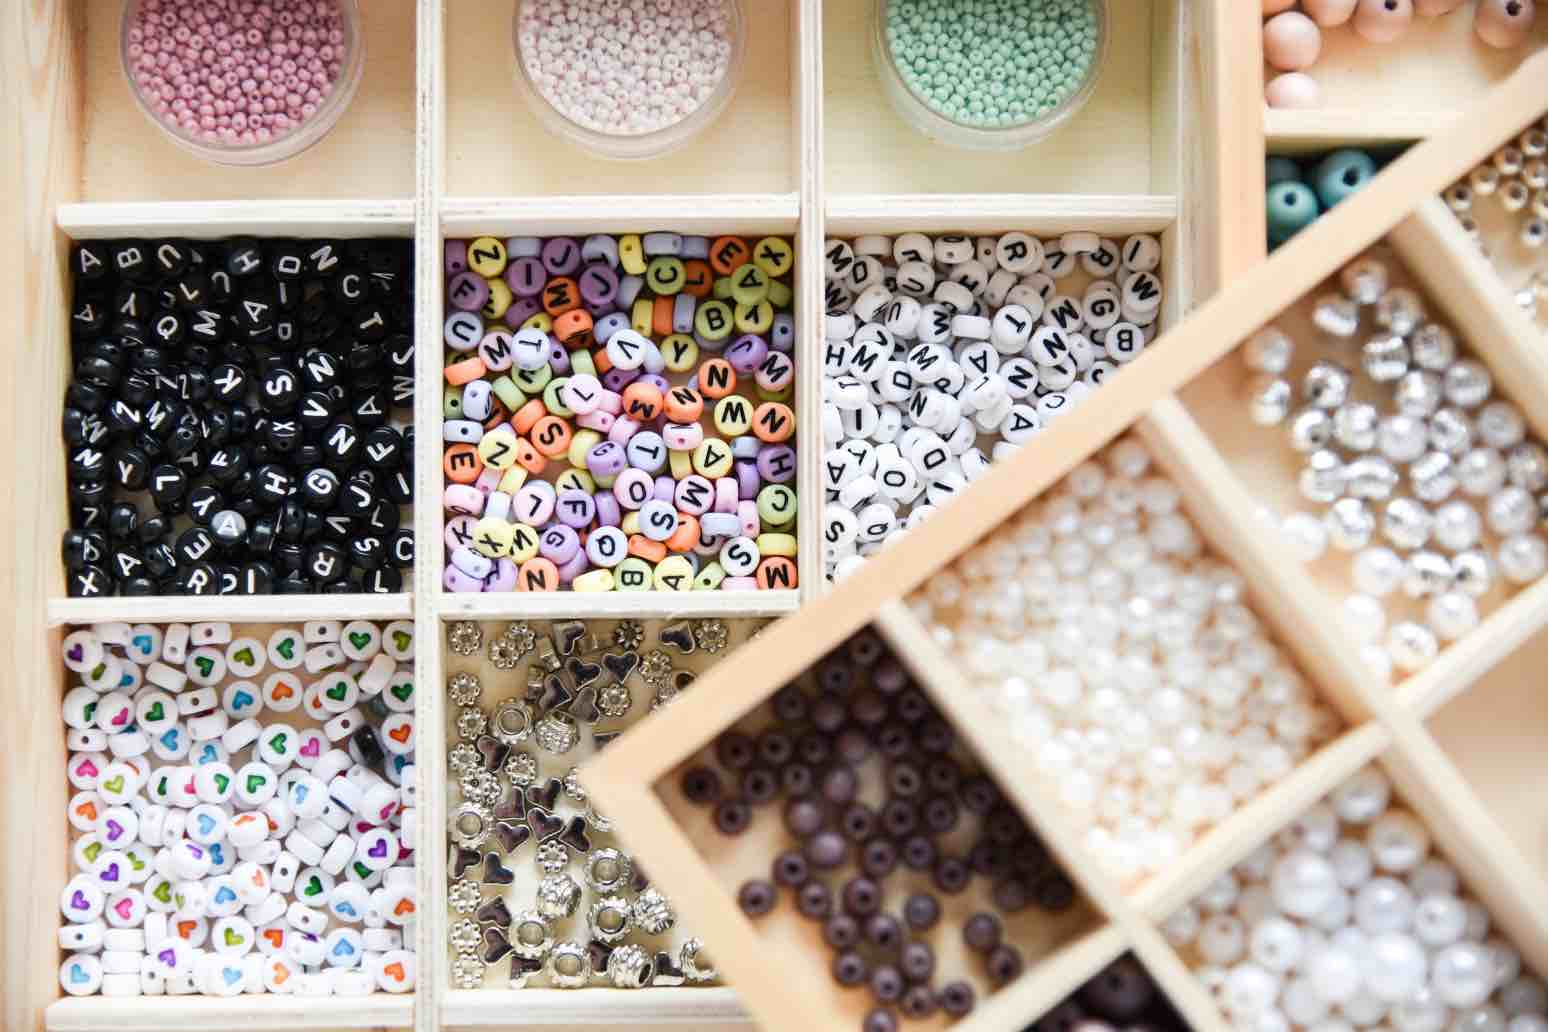 Perlenkasten: Praktische Aufbewahrung für Perlen